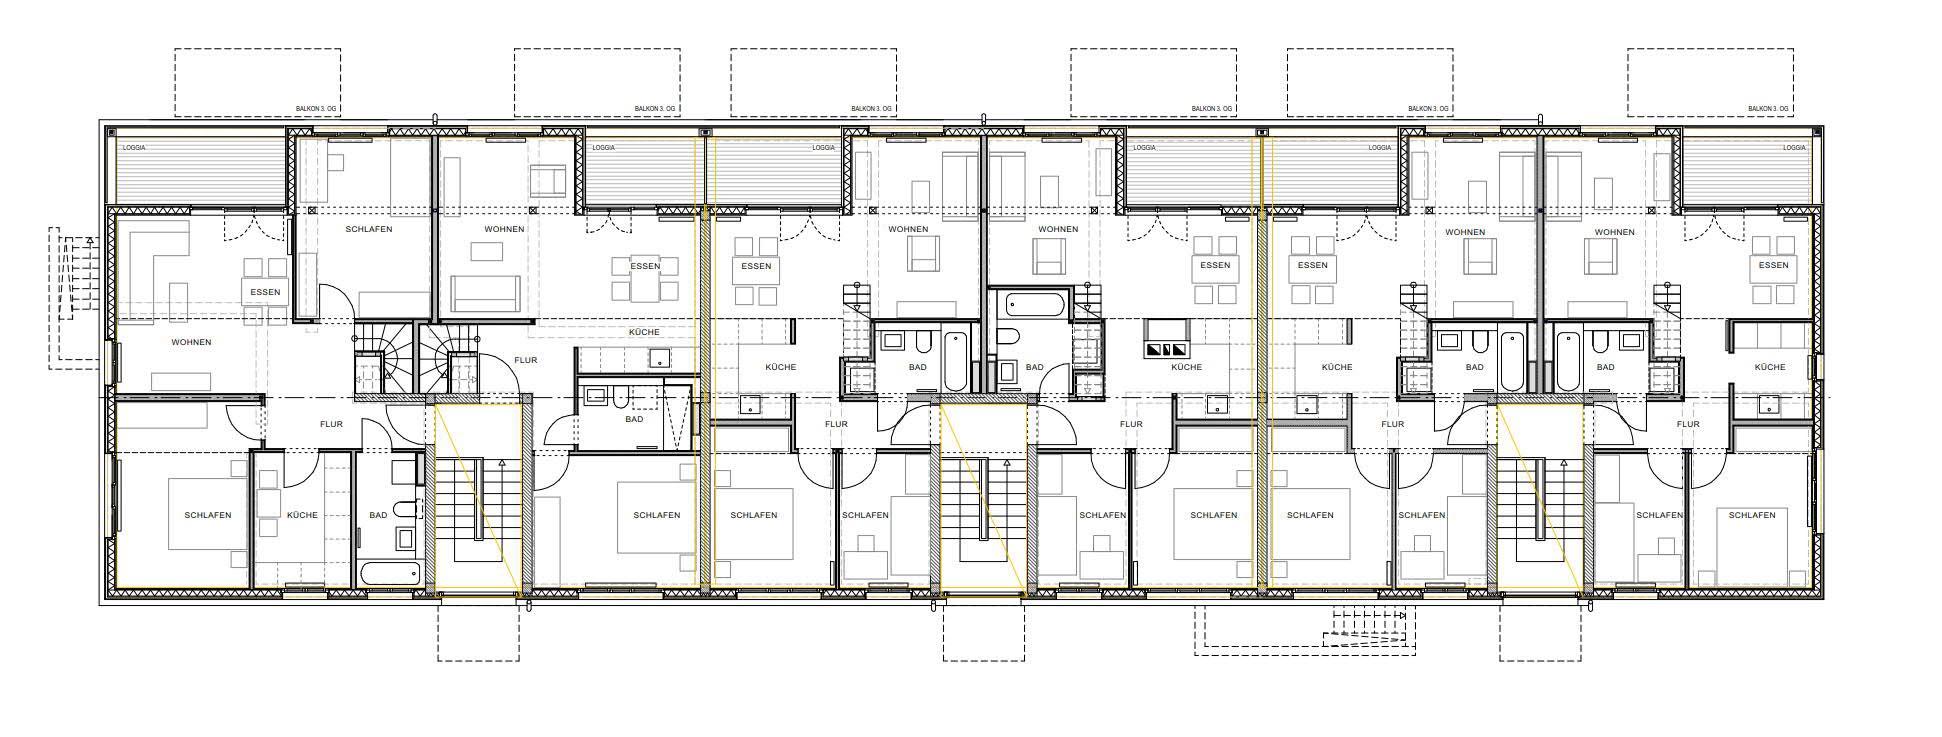 04_275_PRS_DG_1-150_A3_1_Dachgeschoss